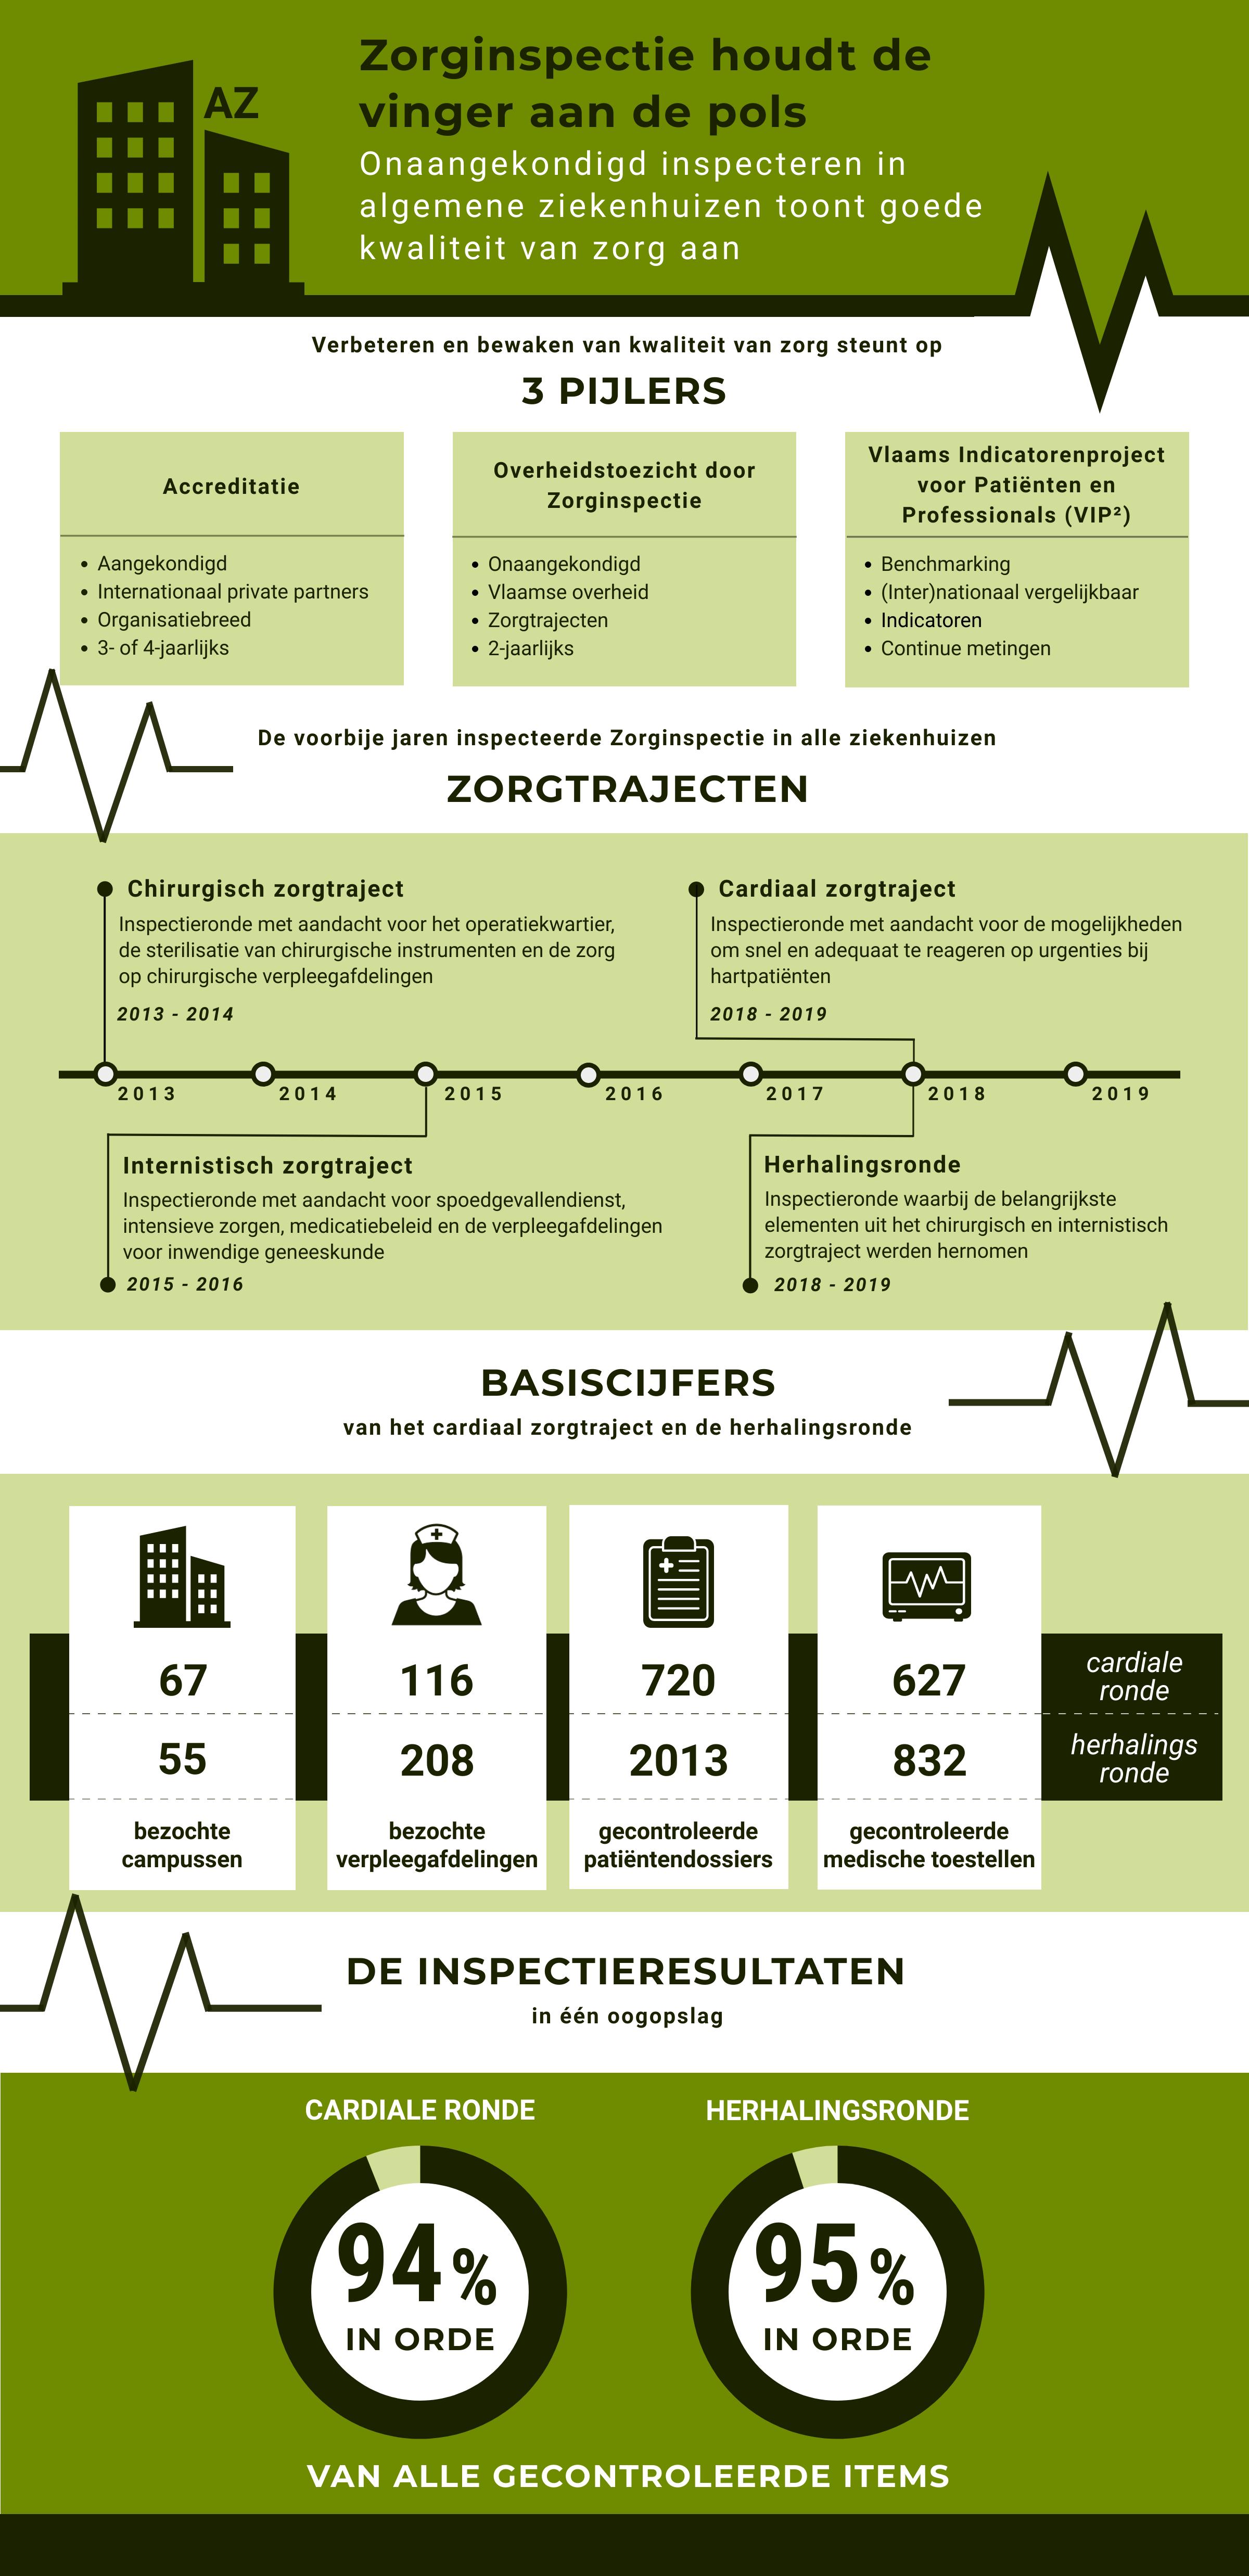 Deze infografiek geeft een overzicht van de drie pijlers voor het verbeteren van de kwaliteit van de zorg, geeft het tijdspad van de zorgtrajecten in de algemene ziekenhuizen en geeft basiscijfers van het cardiaal zorgtraject en de herhalingsronde.